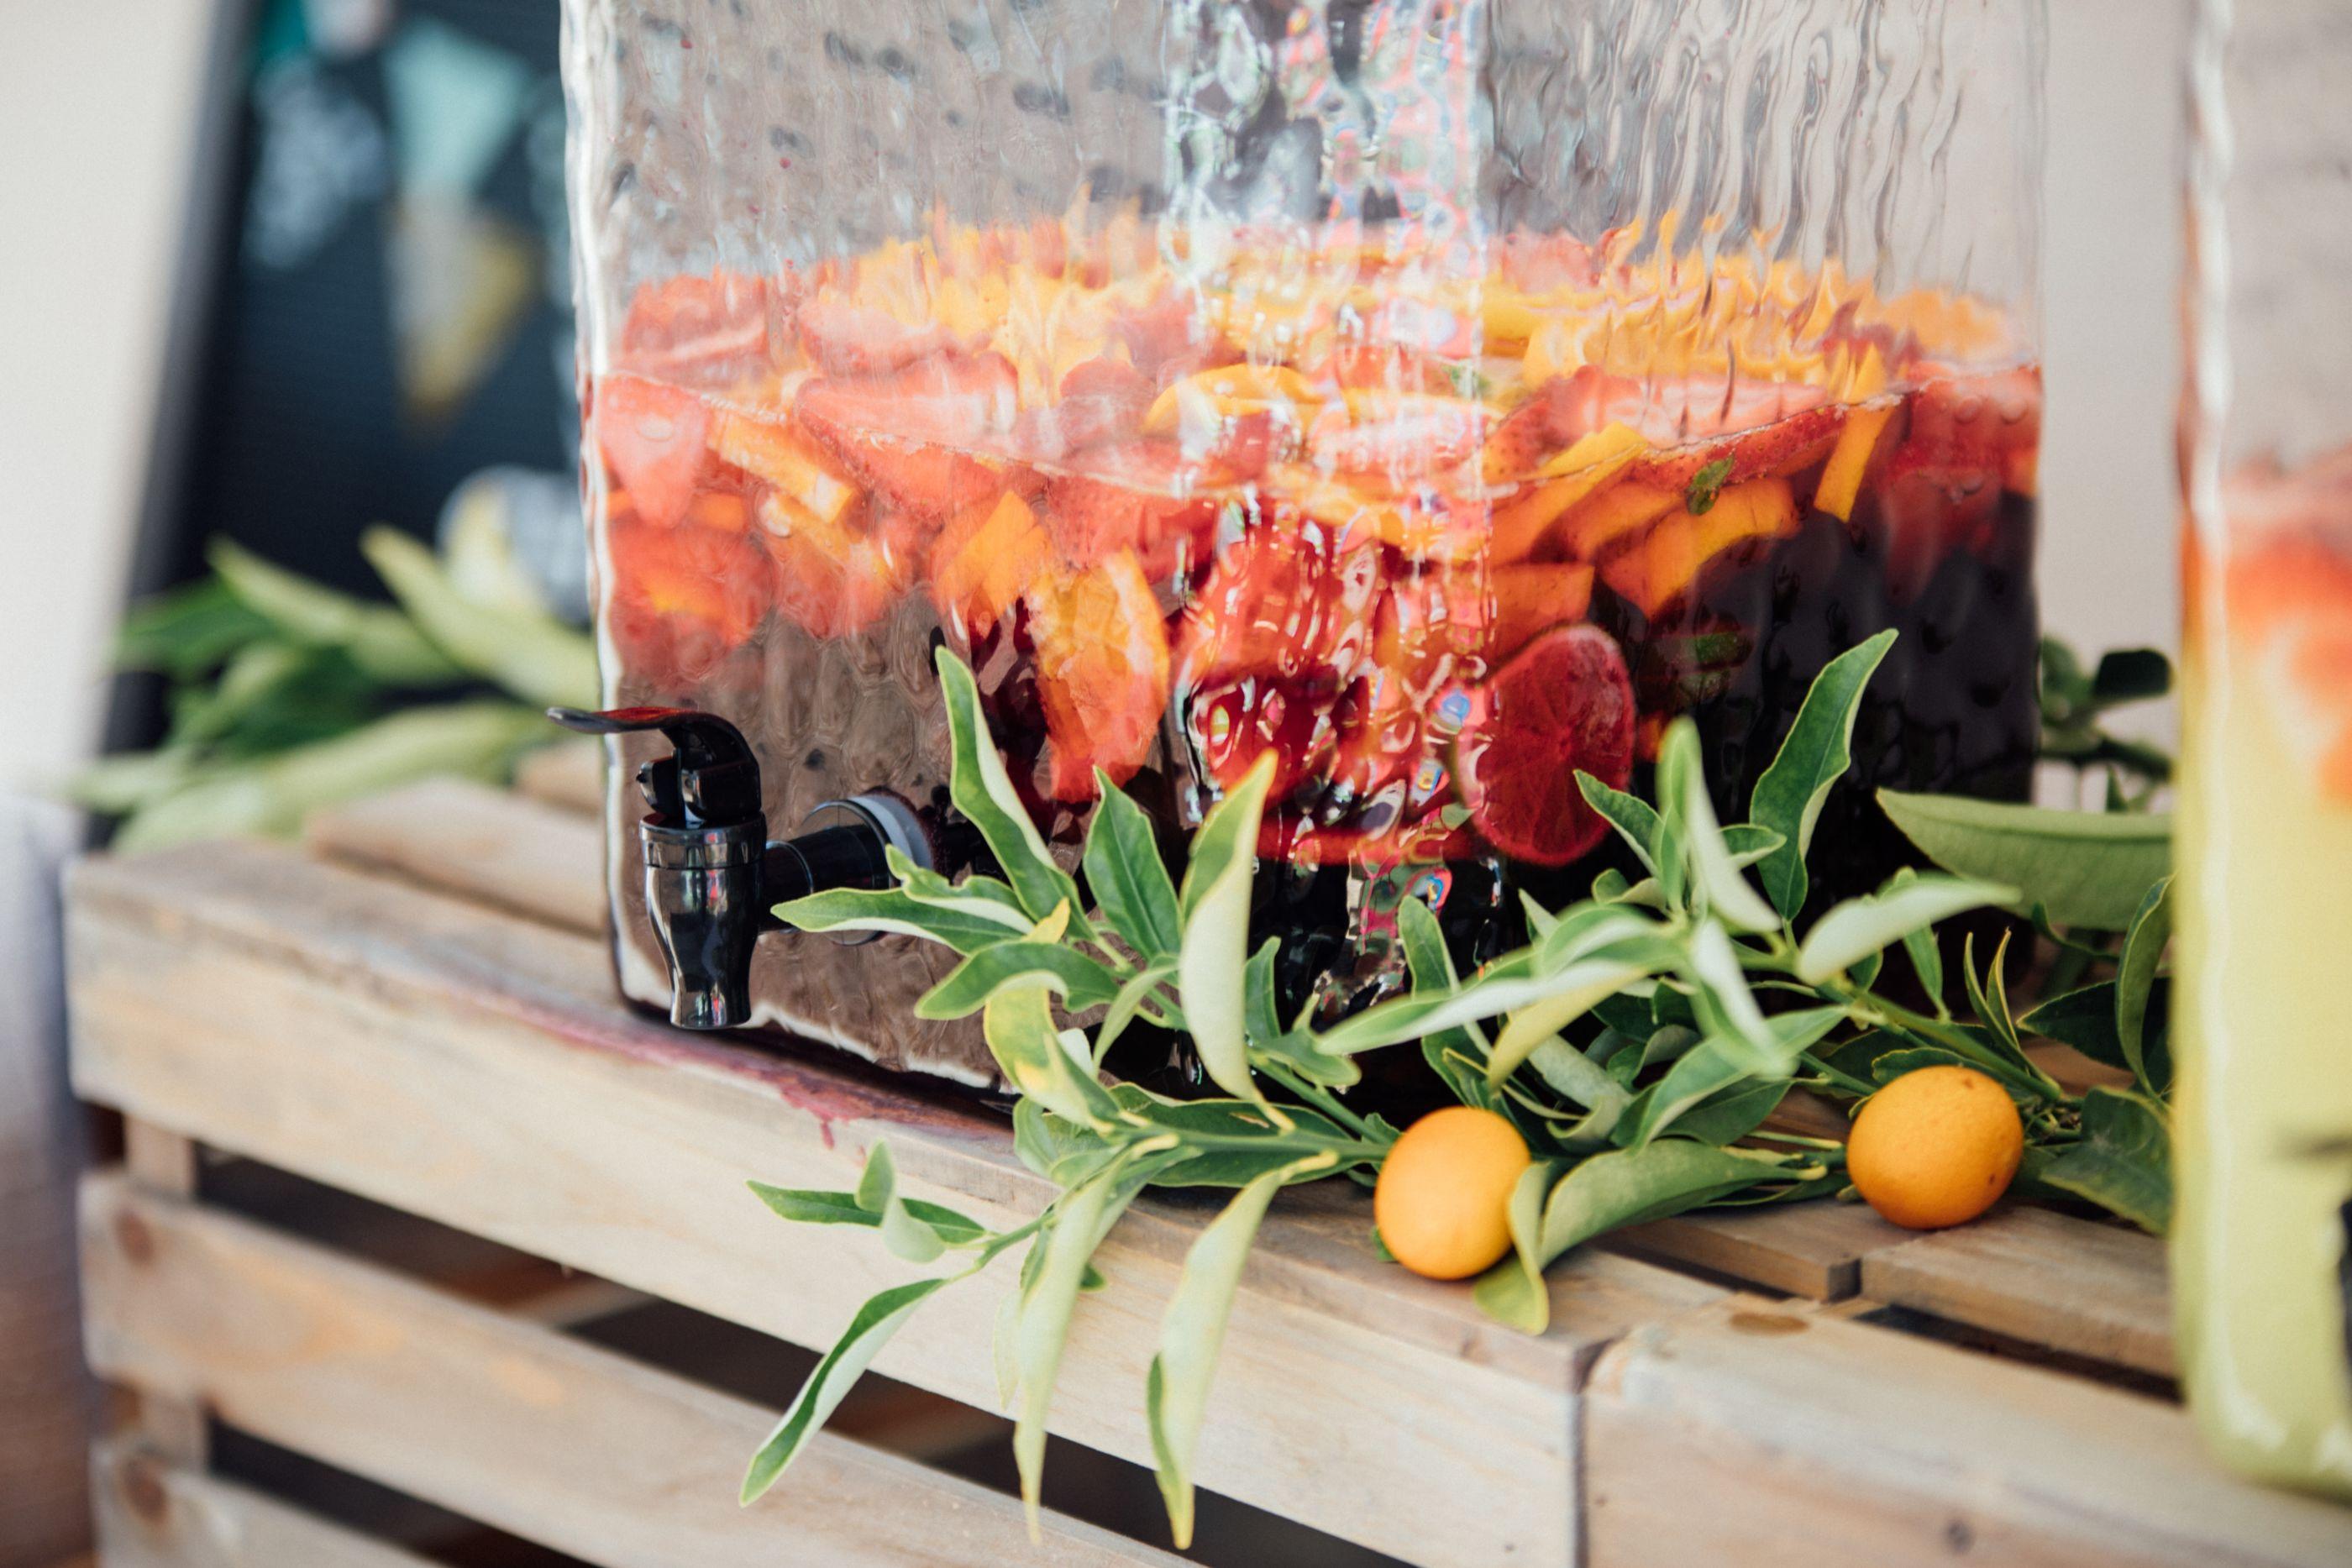 Prepara una refrescante sangría para estos días de calor